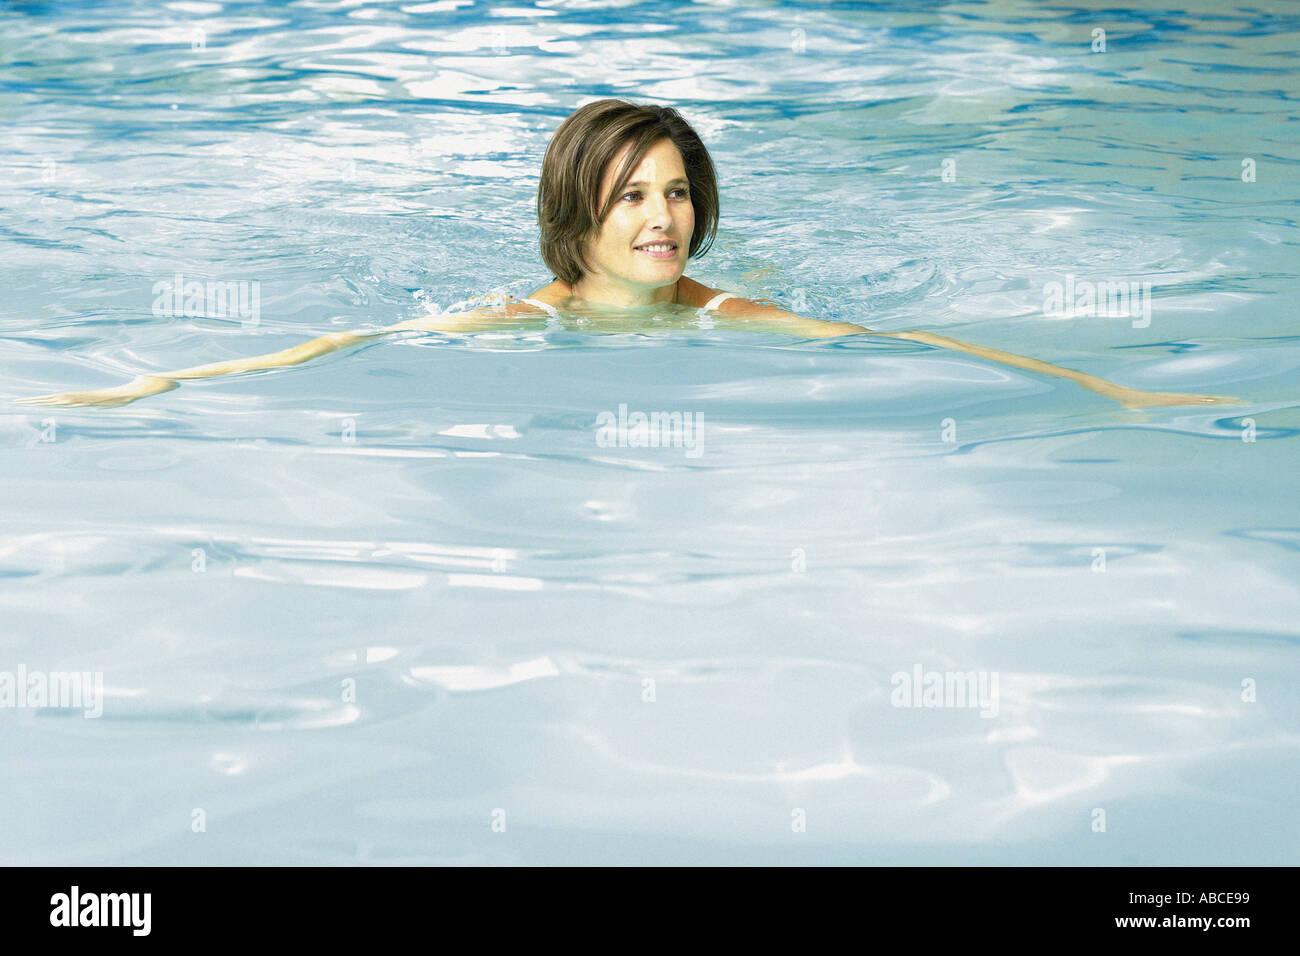 Woman in swimming pool - Stock Image